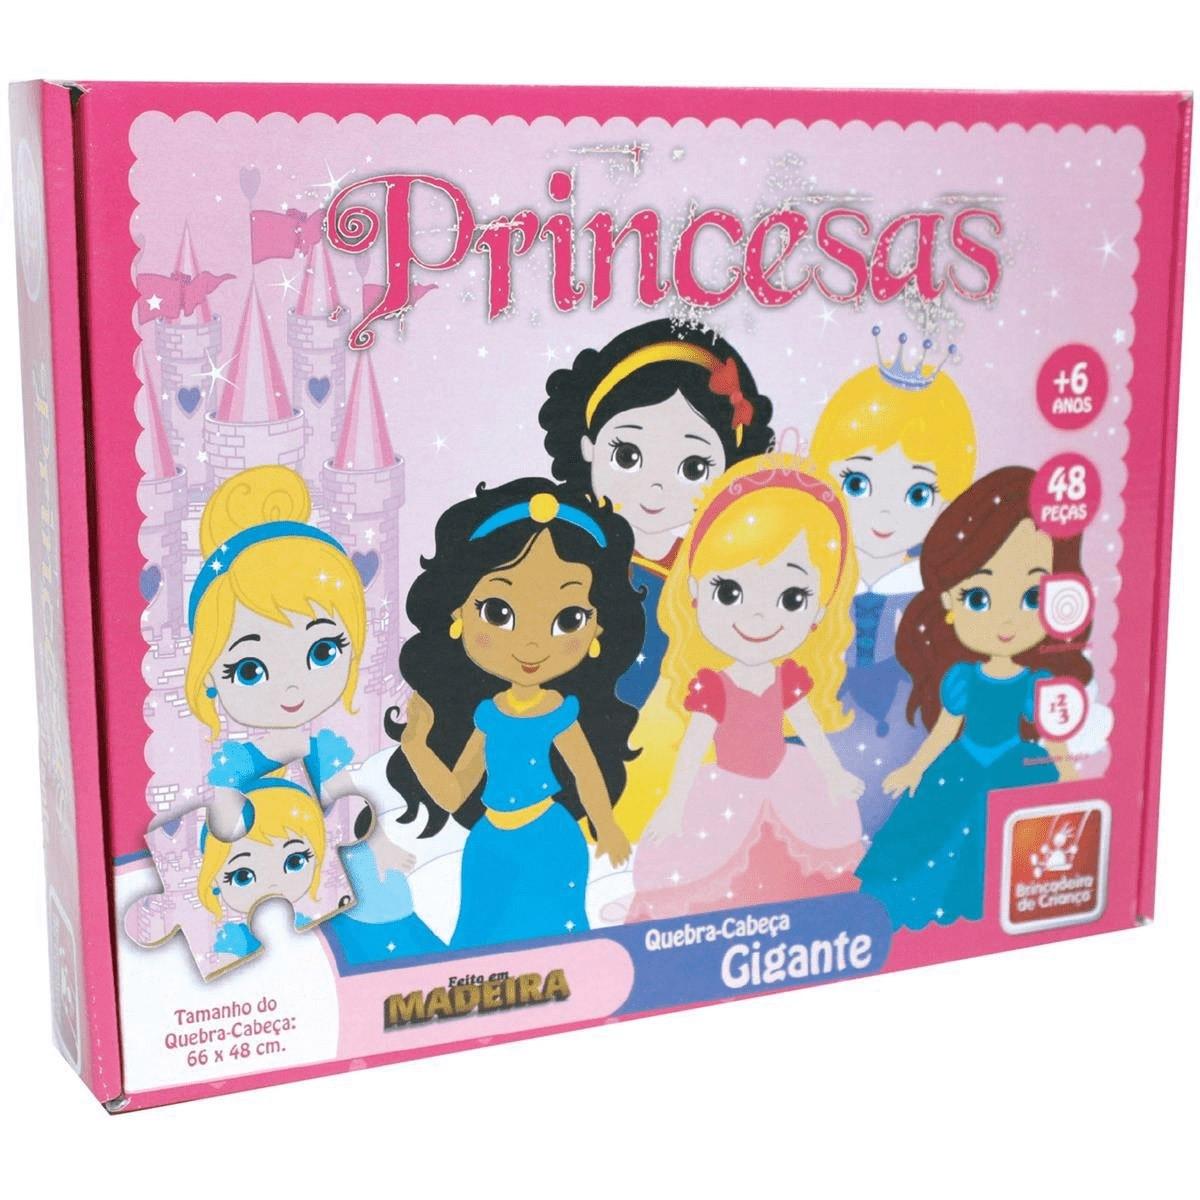 Quebra-Cabeças Gigante - Princesas - Brincadeira de Criança